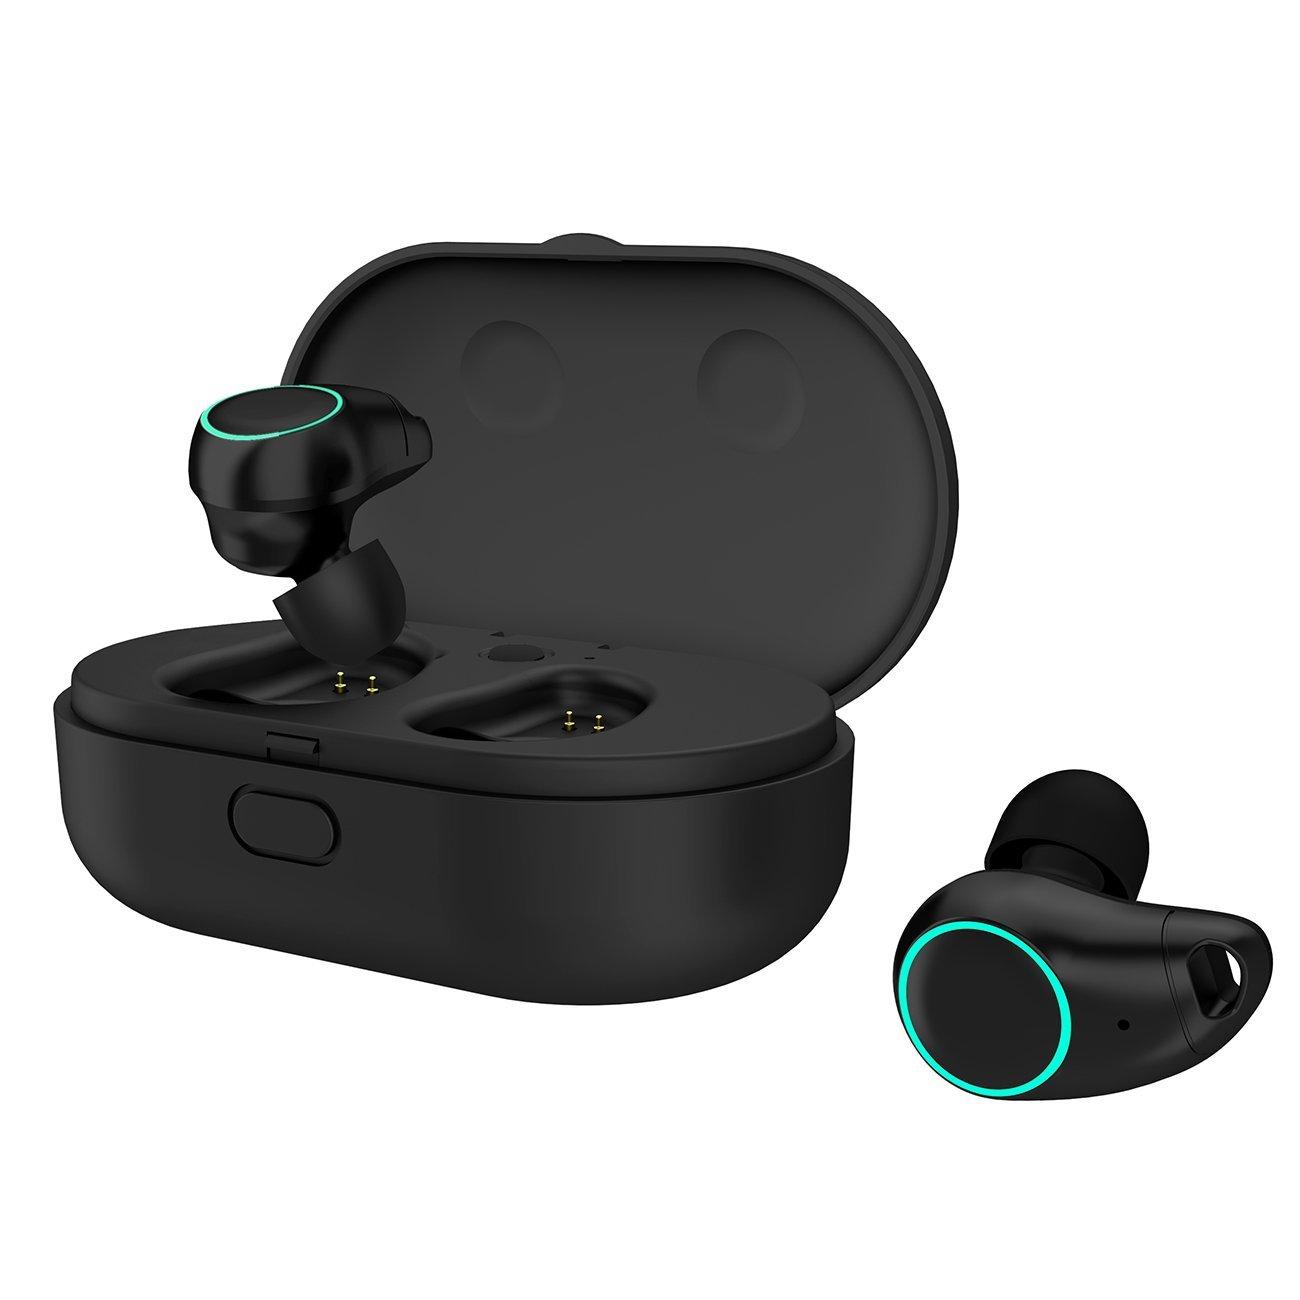 Arbily Mini Bluetooth Kopfhörer Wireless Earbuds Bluetooth V4.2 True Kabellos Kopfhörer mit Noise Cancelling wasserfest IPX5 in ear bluetooth headset stereo Bluetooth Ohrhörer mit Mikrofon für Android, iOS und PC mit Ladekästchen (Schwarz)